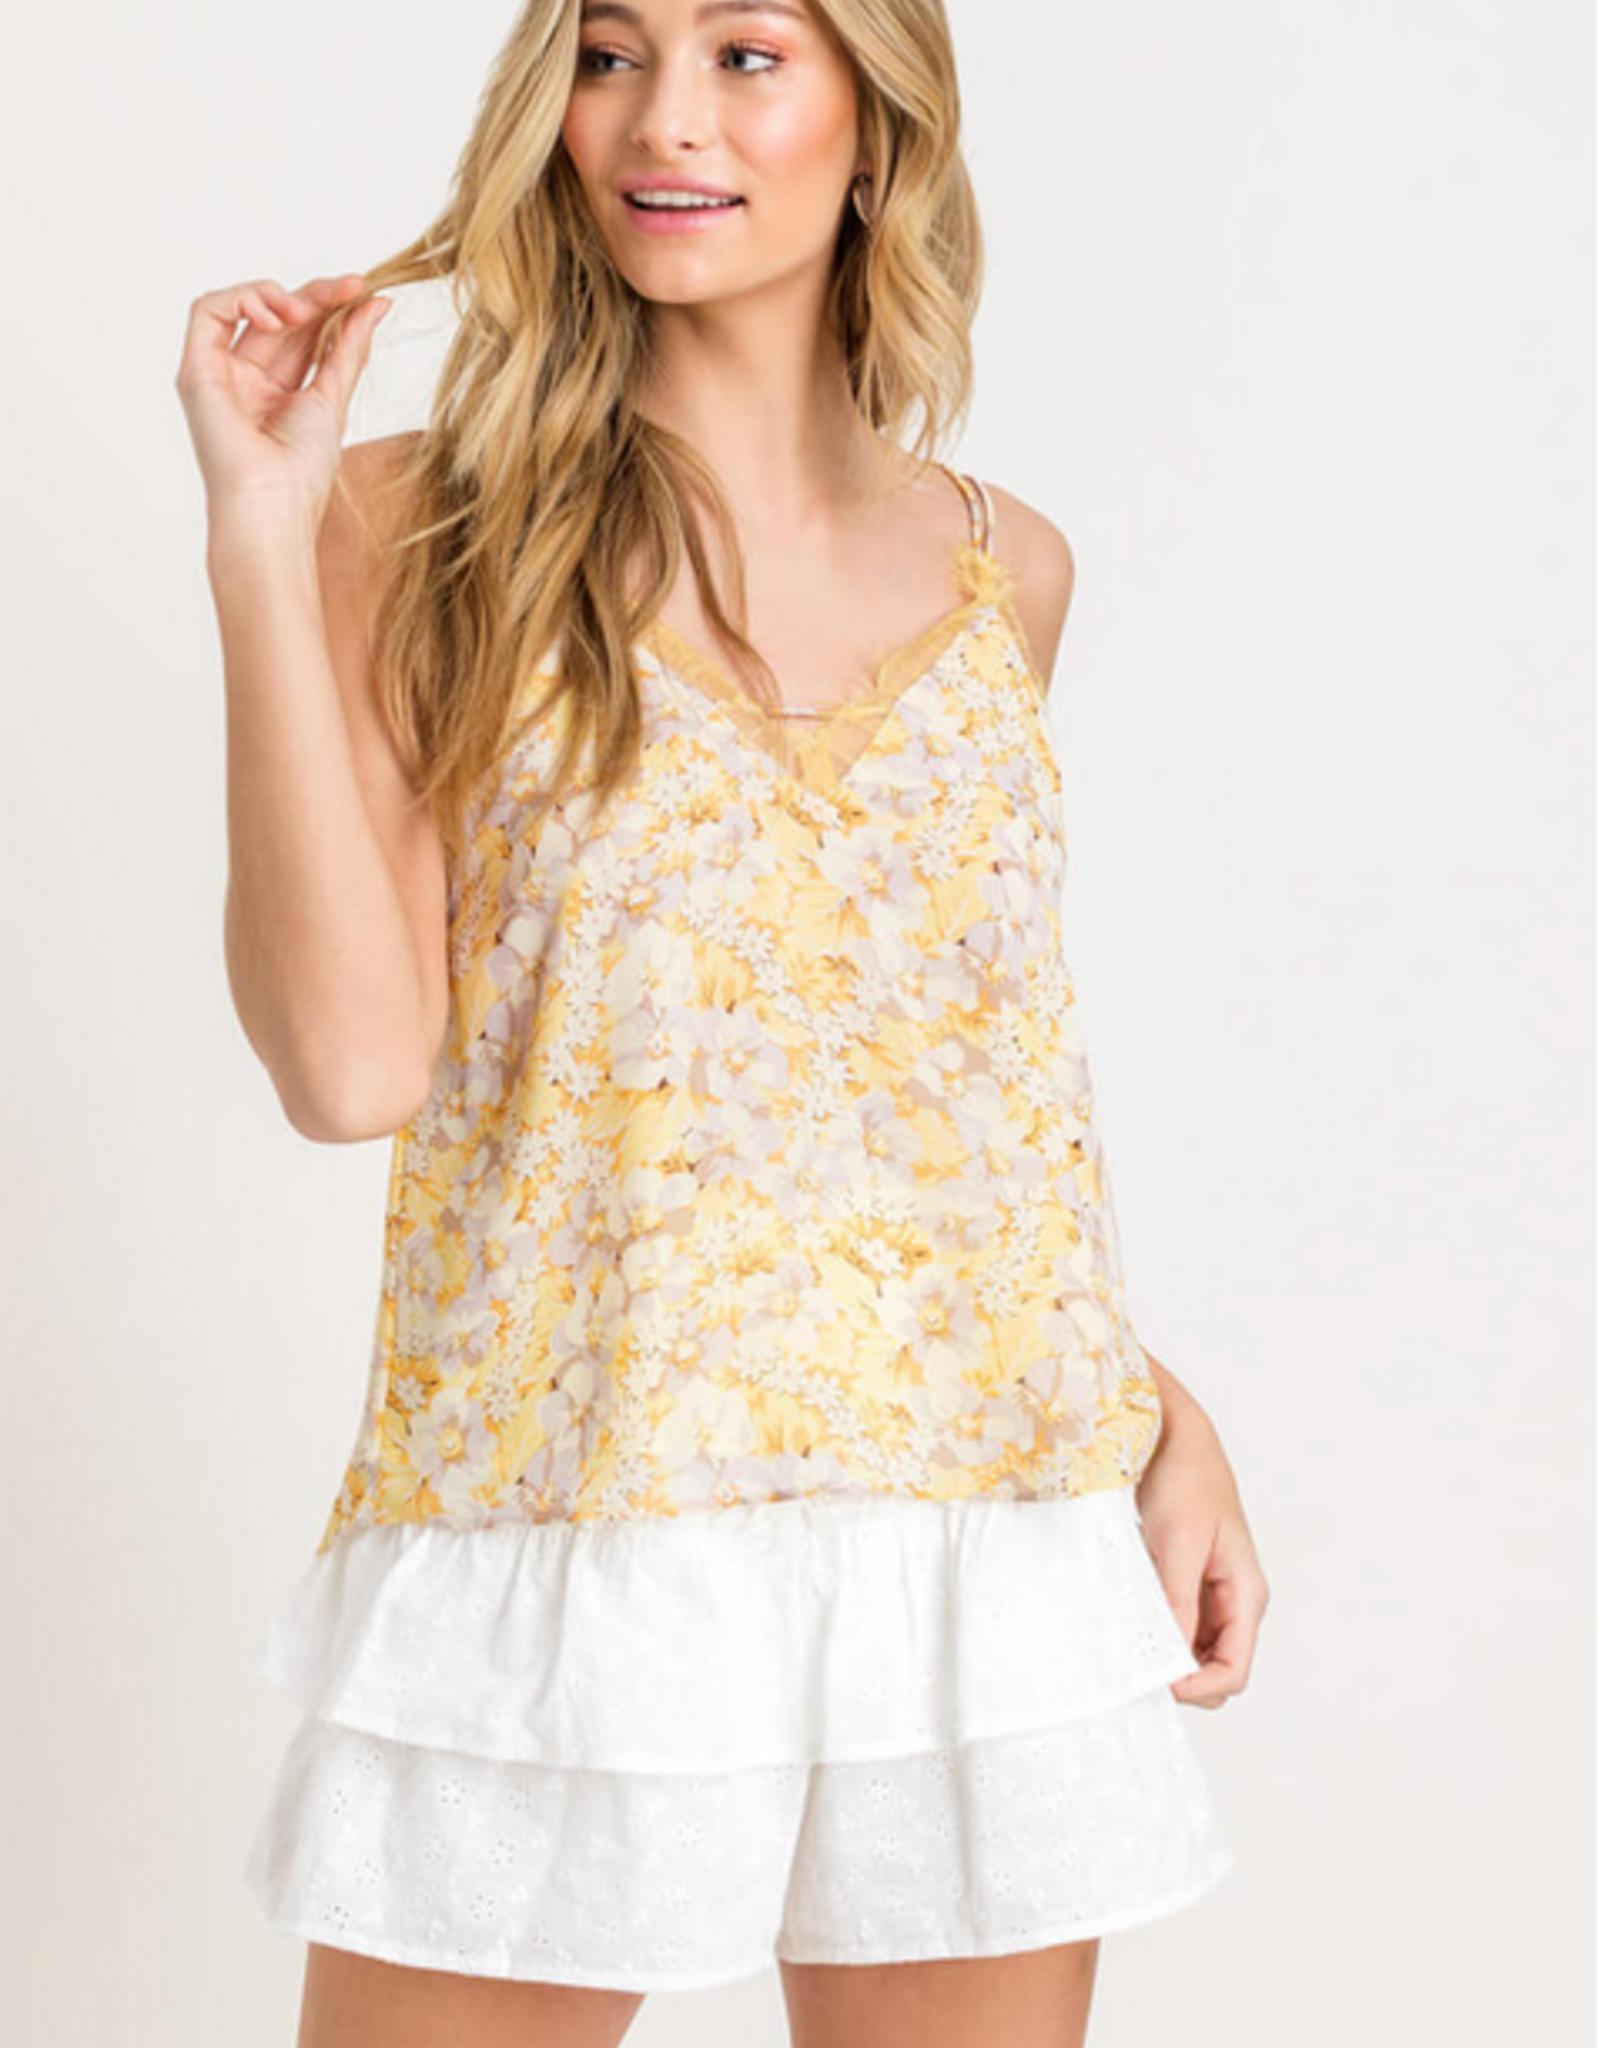 Lush Lace Trim Floral Top